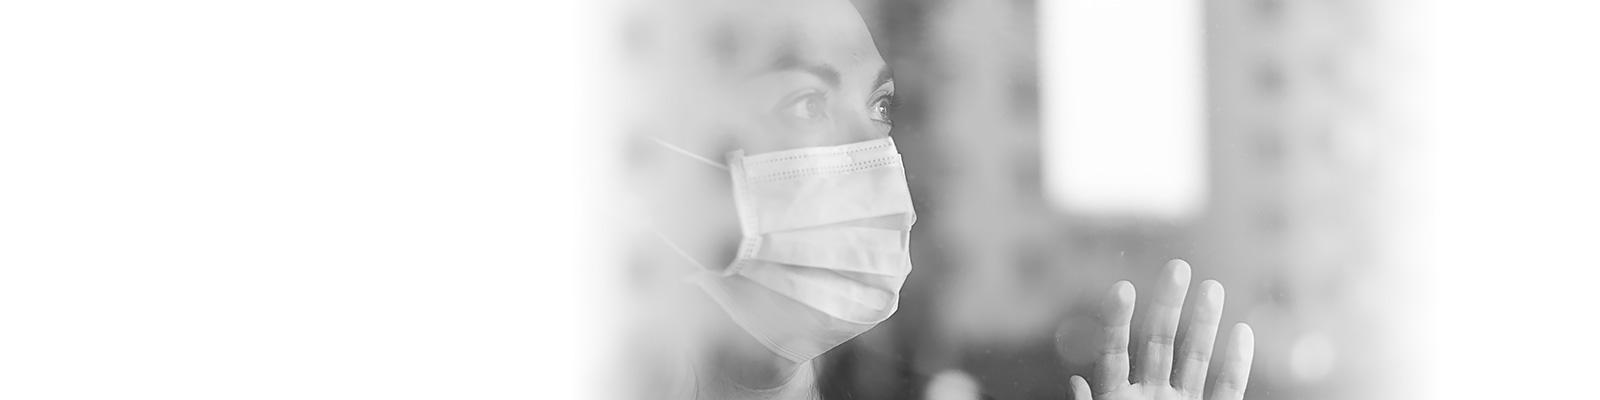 コロナ マスク プライバシー イメージ